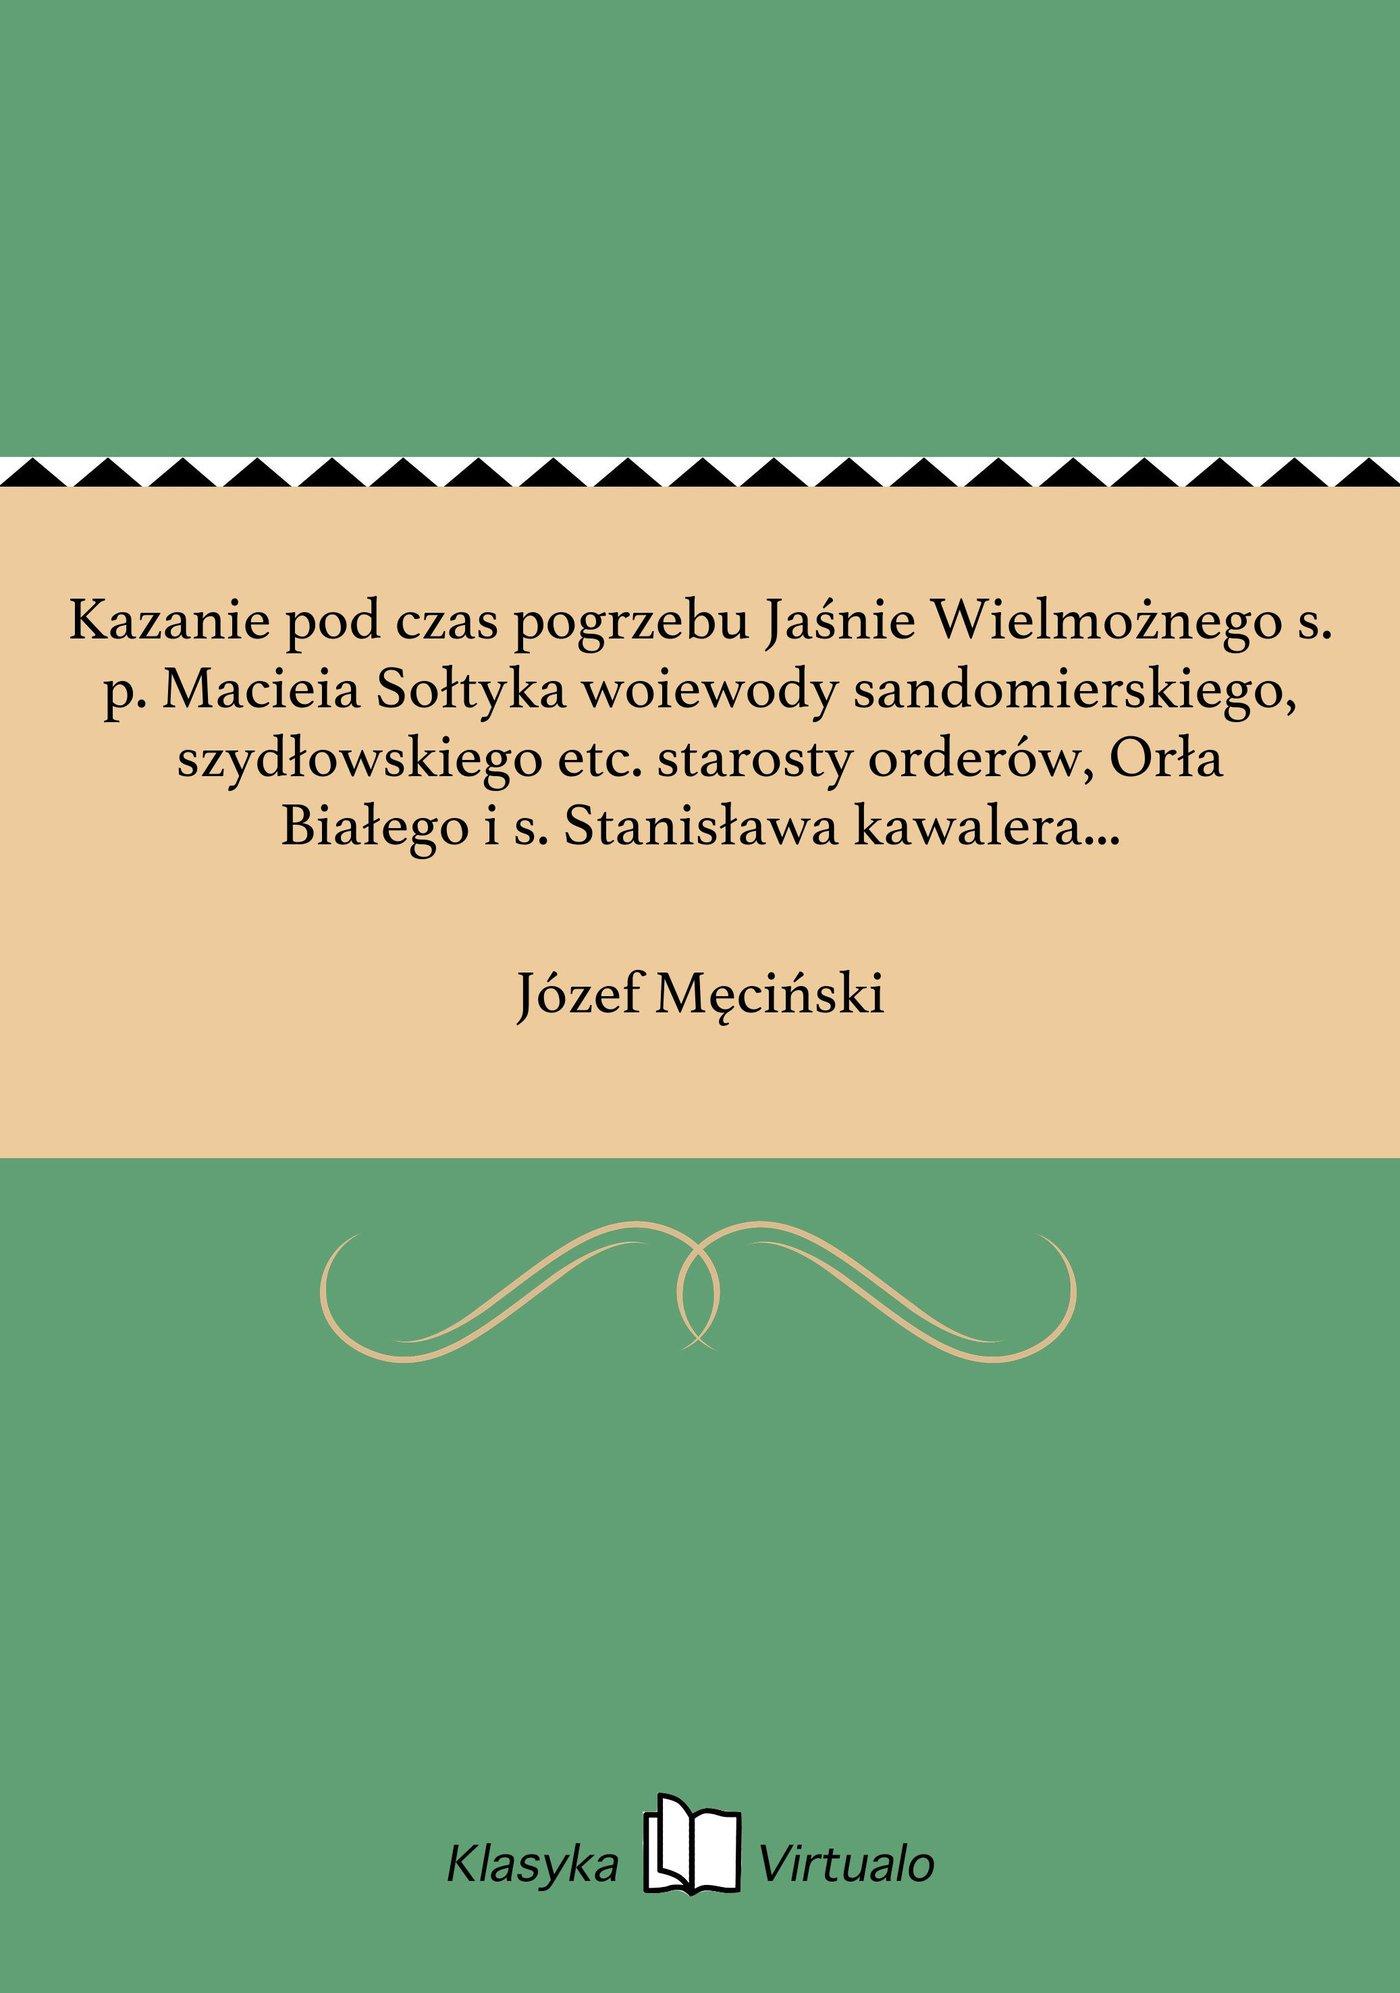 Kazanie pod czas pogrzebu Jaśnie Wielmożnego s. p. Macieia Sołtyka woiewody sandomierskiego, szydłowskiego etc. starosty orderów, Orła Białego i s. Stanisława kawalera w kościele stopnickim xx. Reformatorów dnia 31 maia 1802 roku - Ebook (Książka EPUB) do pobrania w formacie EPUB